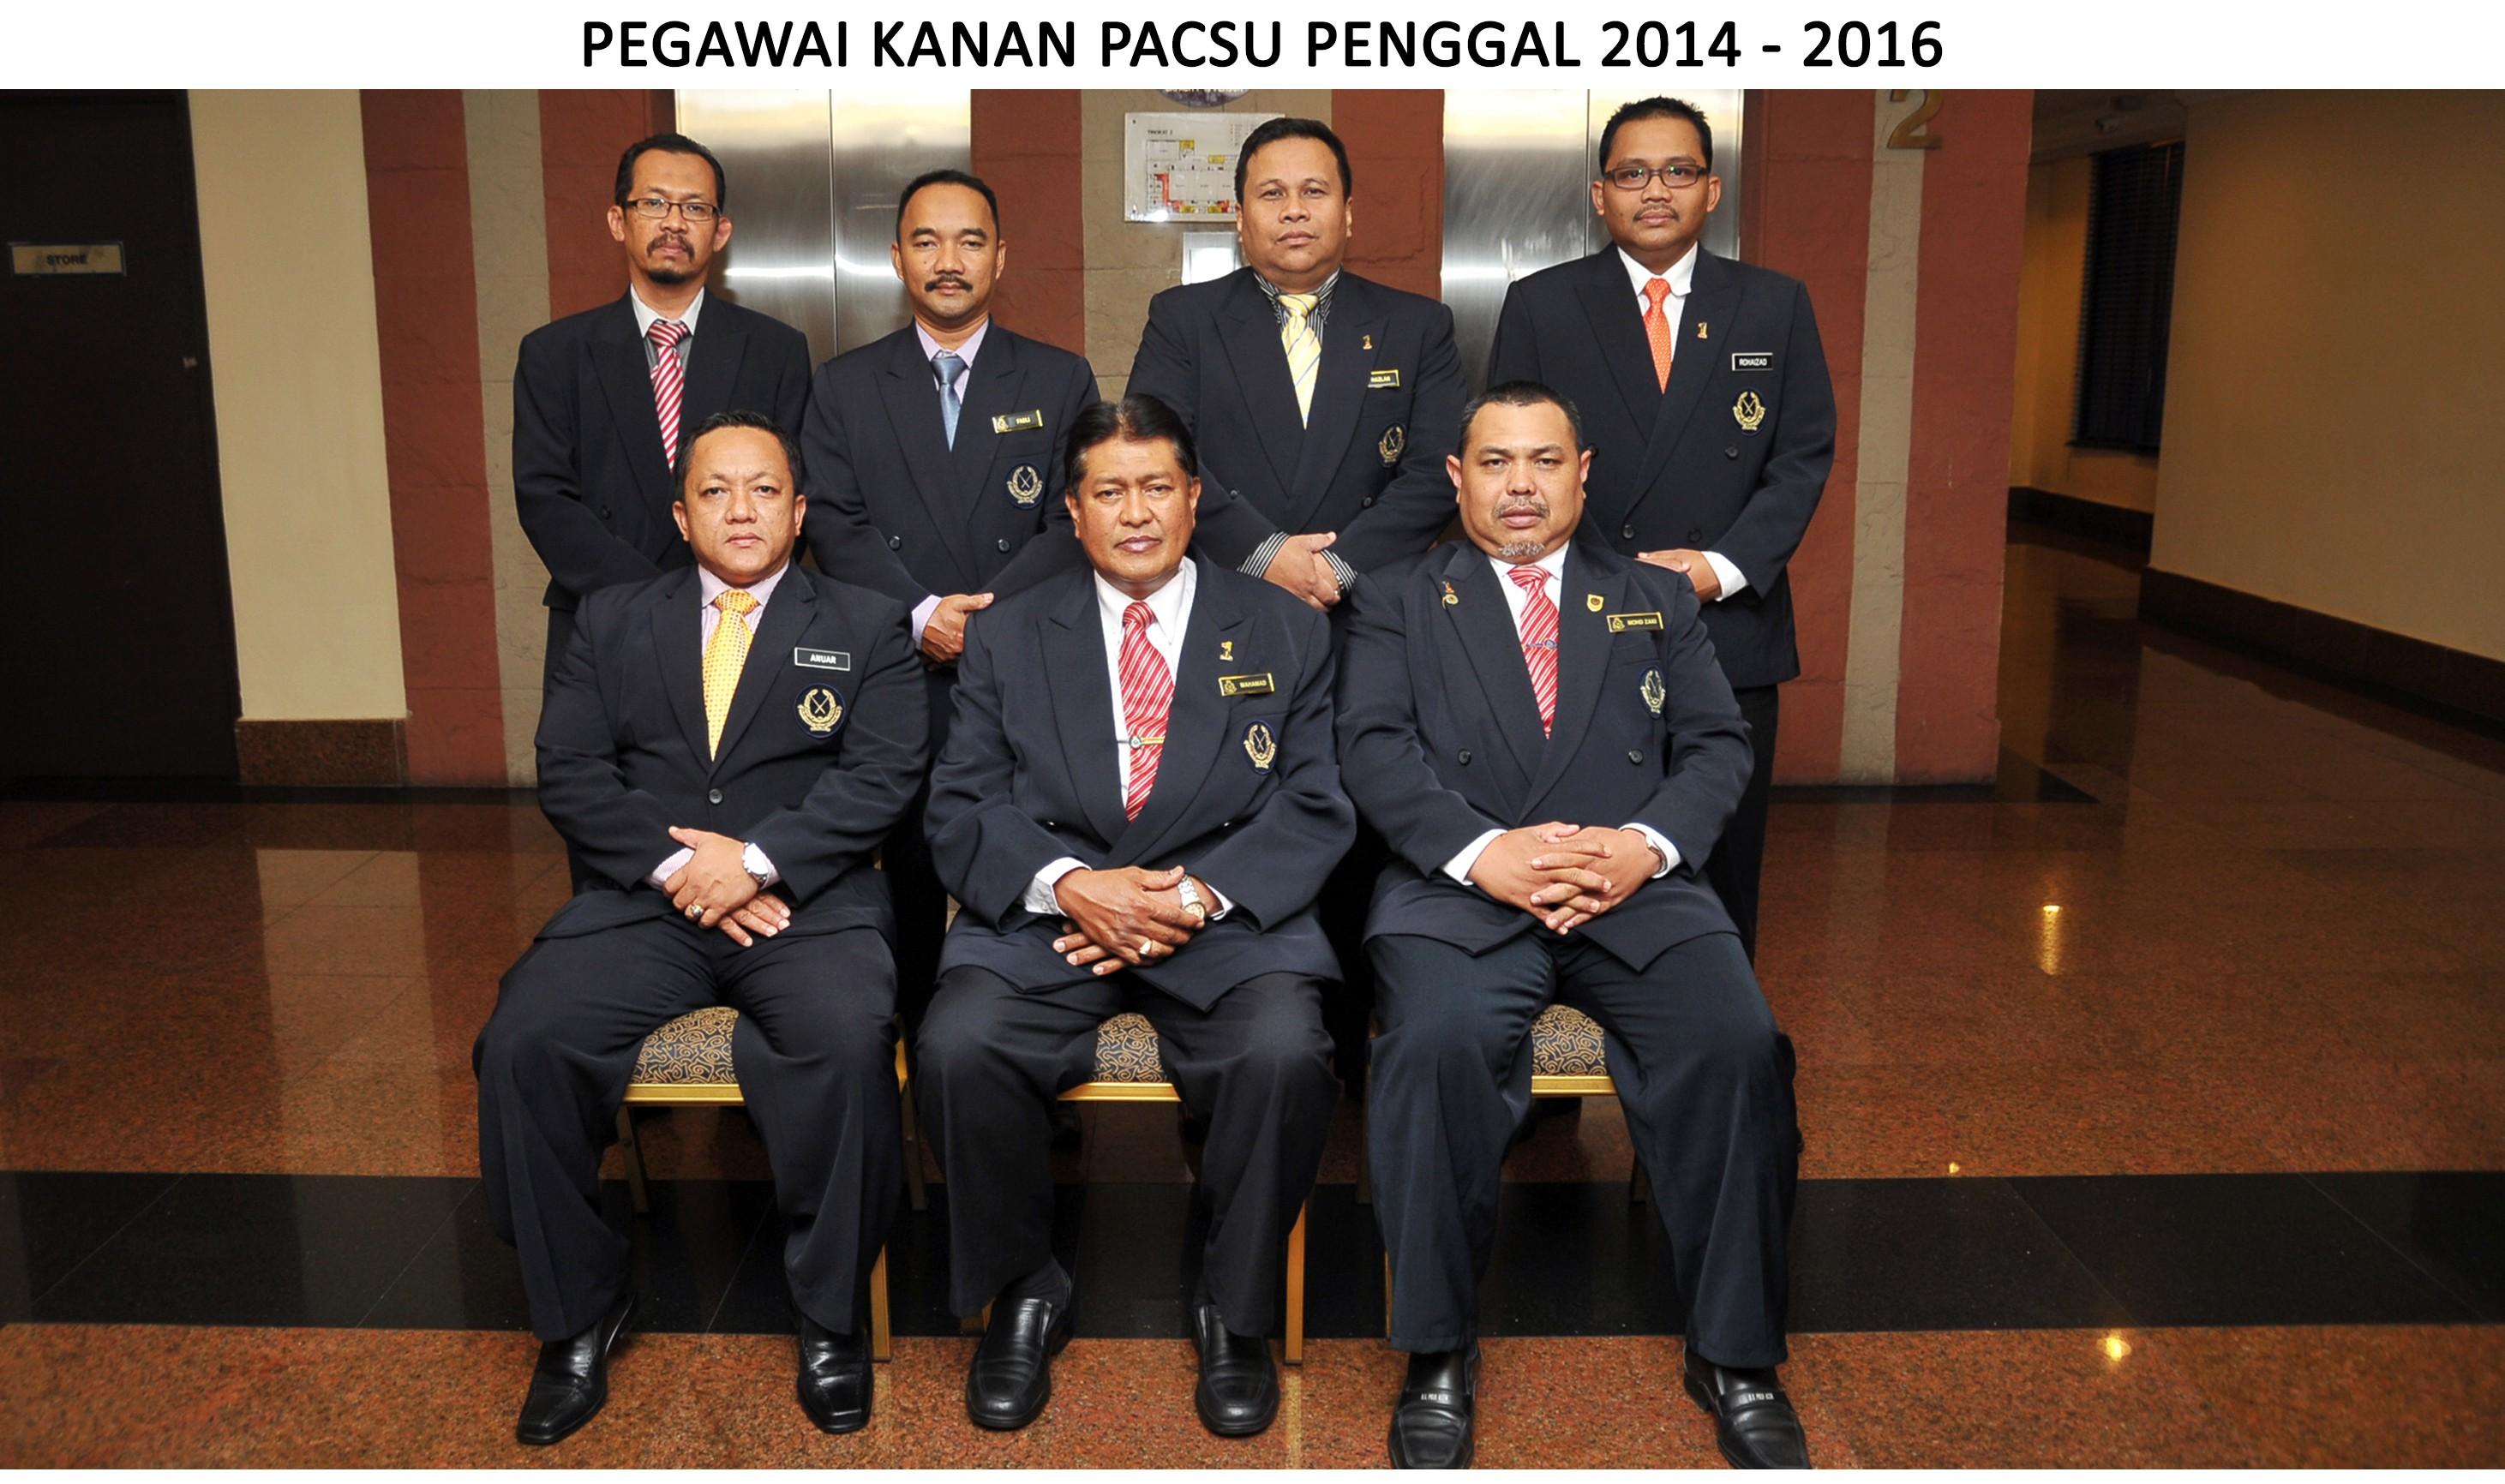 Pegawai Kanan PACSU Penggal (2014-2016)